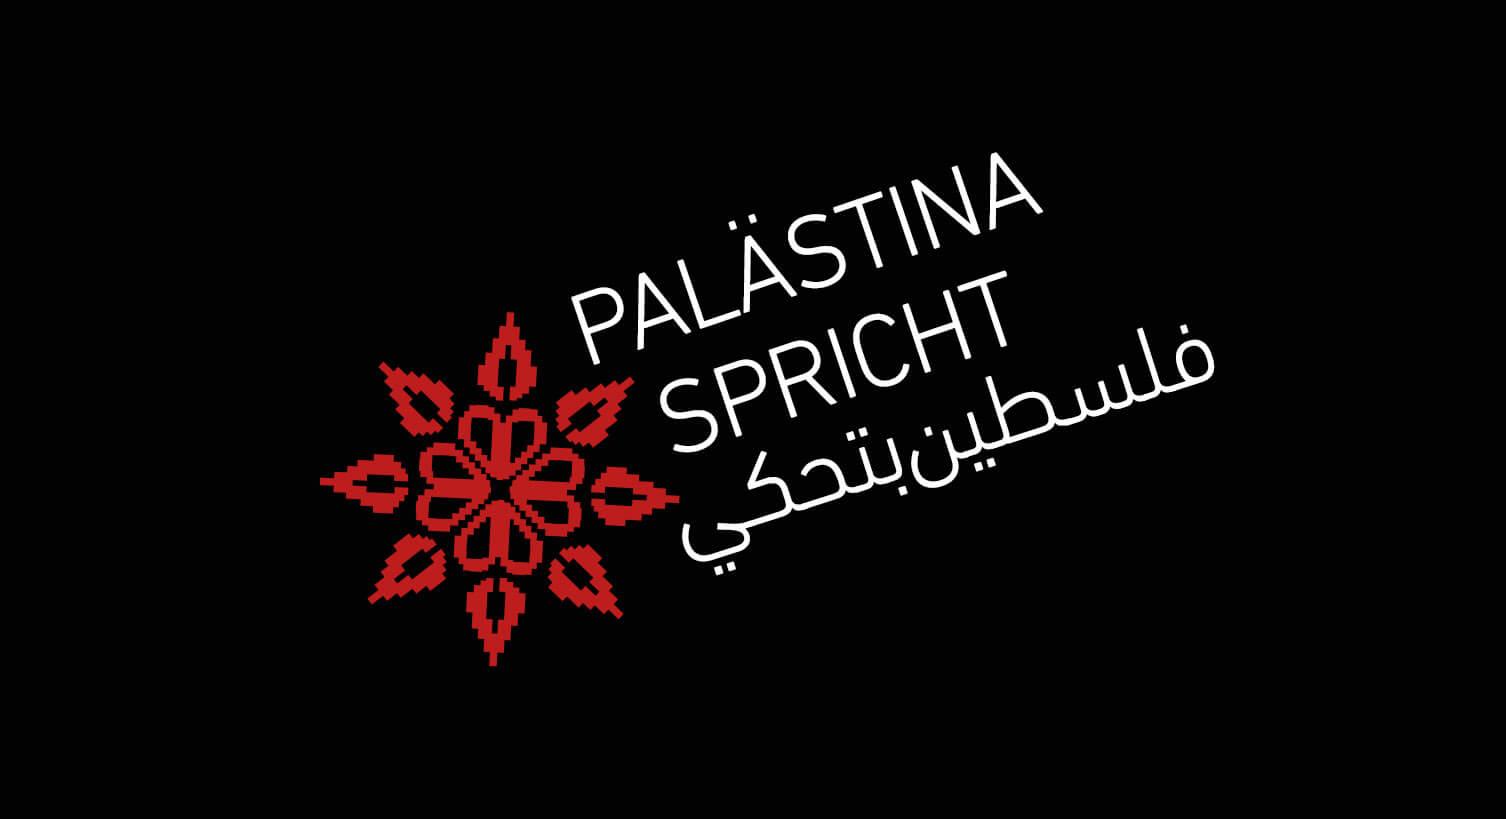 The Palästina Spricht - Palestine Speaks logo